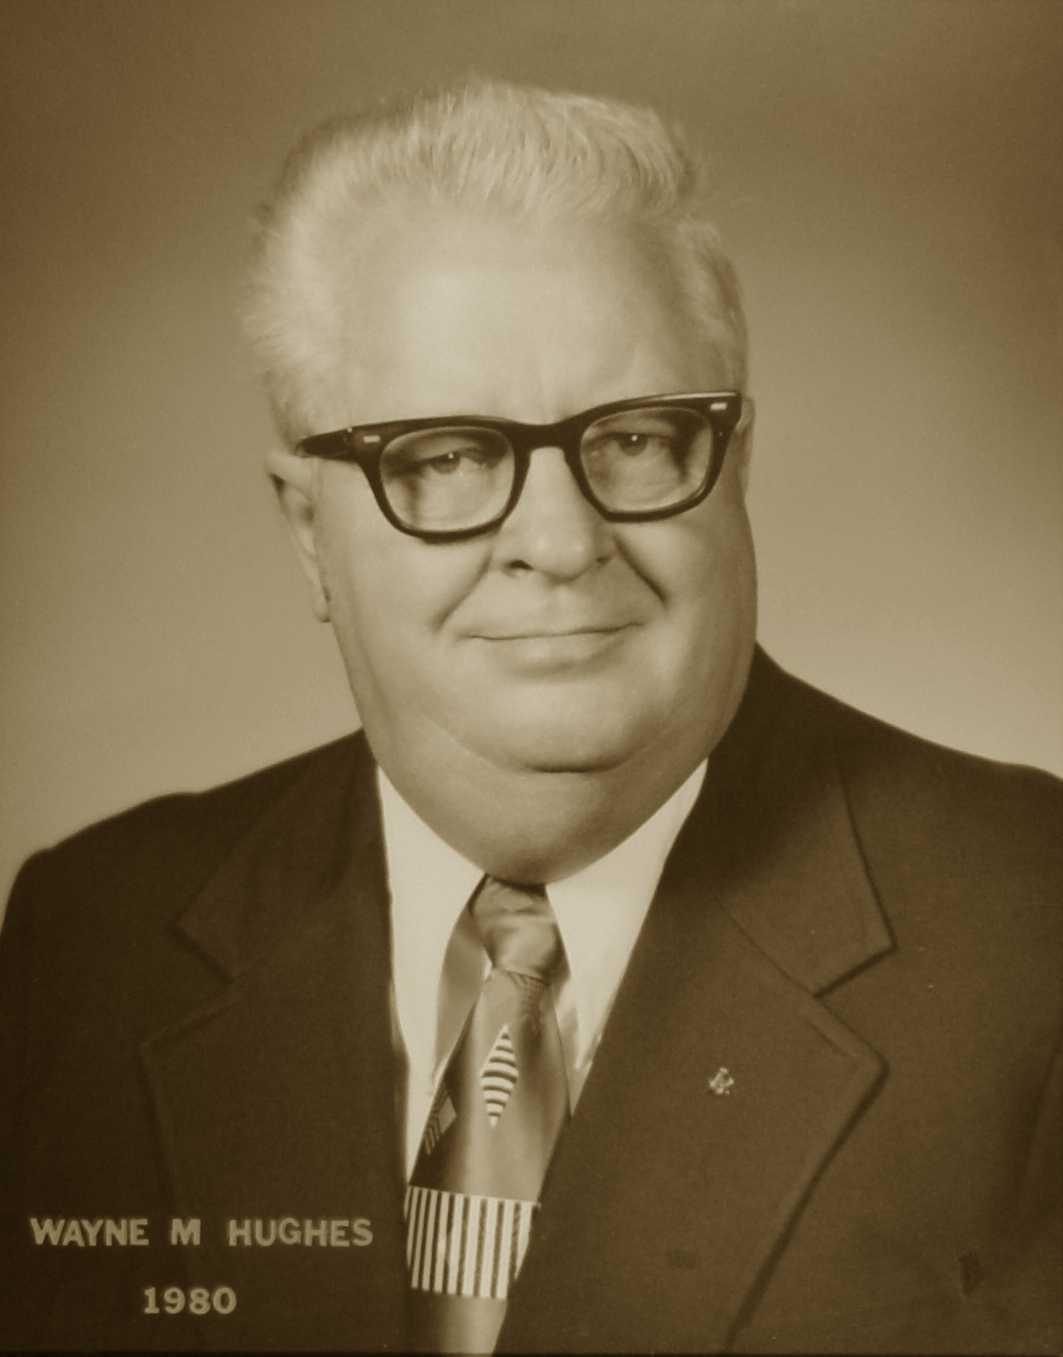 Wayne M. Hughes, 1980